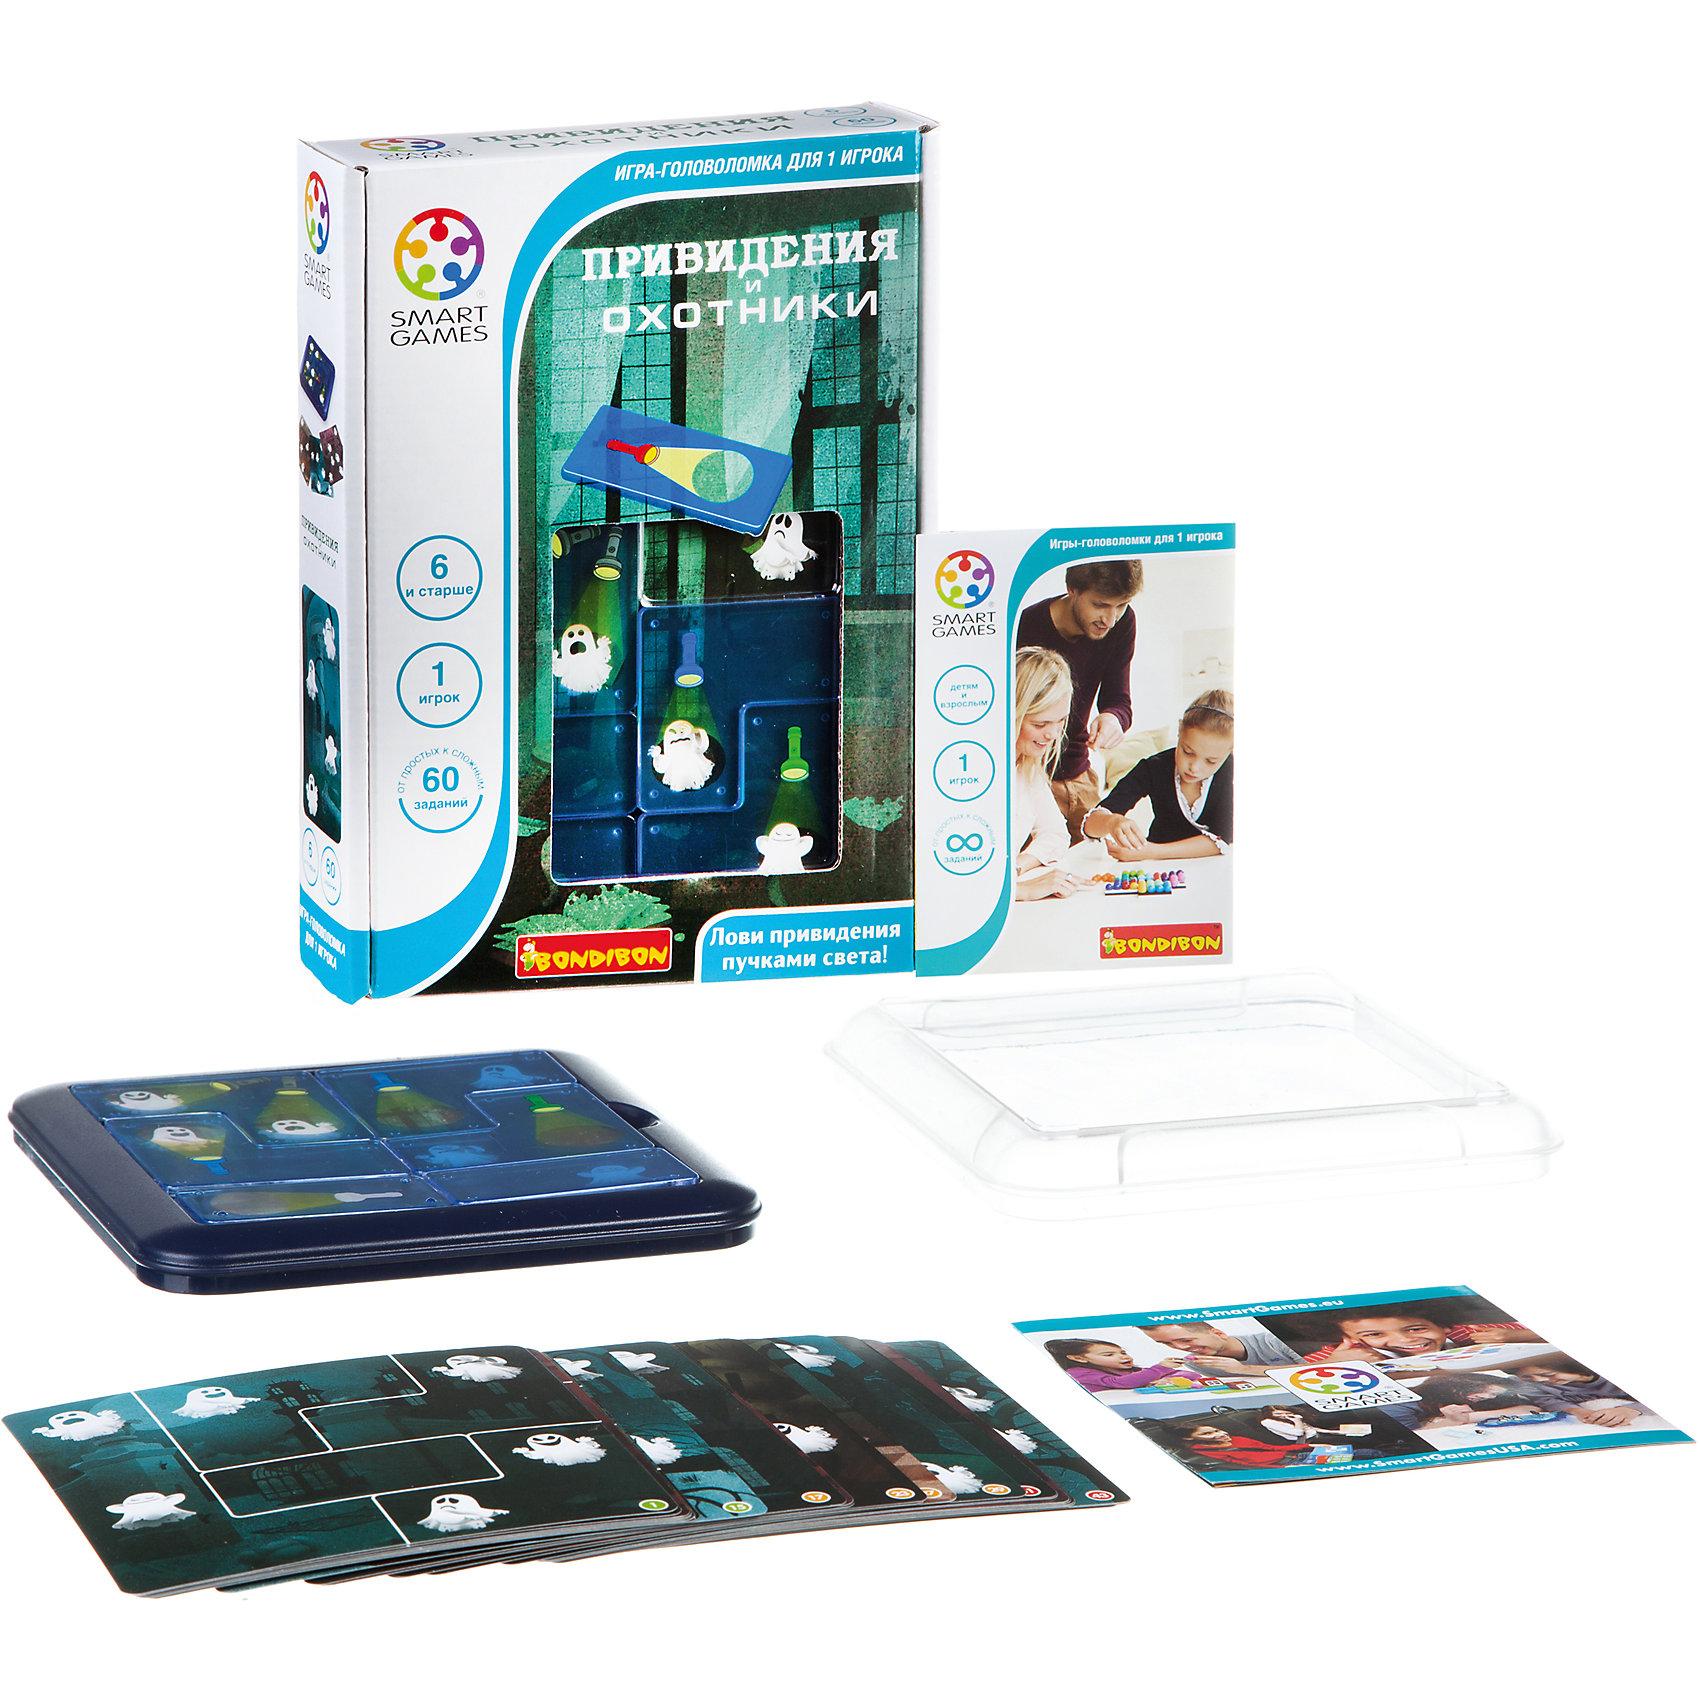 Логическая игра Охотники и Привидения, BondibonСтратегические настольные игры<br>Логическая игра Охотники и Привидения, Bondibon (Бондибон).<br><br>Характеристики:<br><br>• Возраст: от 6 лет<br>• Комплектация: игровое поле в виде пластиковой коробочки, карточки, тайлы с фонариками<br>• Количество игроков: 1 человек<br>• Материал: пластик, картон<br>• Упаковка: картонная коробка<br>• Размер упаковки: 4,5x24x17 см.<br>• Вес: 517 гр.<br><br>Вы когда-нибудь задавались вопросом, что призраки делают в доме? Станьте охотником в этой игре, чтобы узнать! На поле настольной игры-головоломки «Охотники и Привидения» располагаются маленькие привидения, и вам необходимо разместить пластиковые тайлы с фонариками так, чтобы каждое из них оказалось подсвеченным. <br><br>Действие происходит на компактном поле с меняющимся фоном, поэтому осветить призраков будет не так-то просто! 60 заданий 4 уровней сложности покажутся страшно интересными и детям, и взрослым! Игра развивает логическое мышление, визуальное восприятие, пространственное представление.<br><br>Логическую игру Охотники и Привидения, Bondibon (Бондибон) можно купить в нашем интернет-магазине.<br><br>Ширина мм: 45<br>Глубина мм: 240<br>Высота мм: 170<br>Вес г: 517<br>Возраст от месяцев: 72<br>Возраст до месяцев: 144<br>Пол: Унисекс<br>Возраст: Детский<br>SKU: 5451759